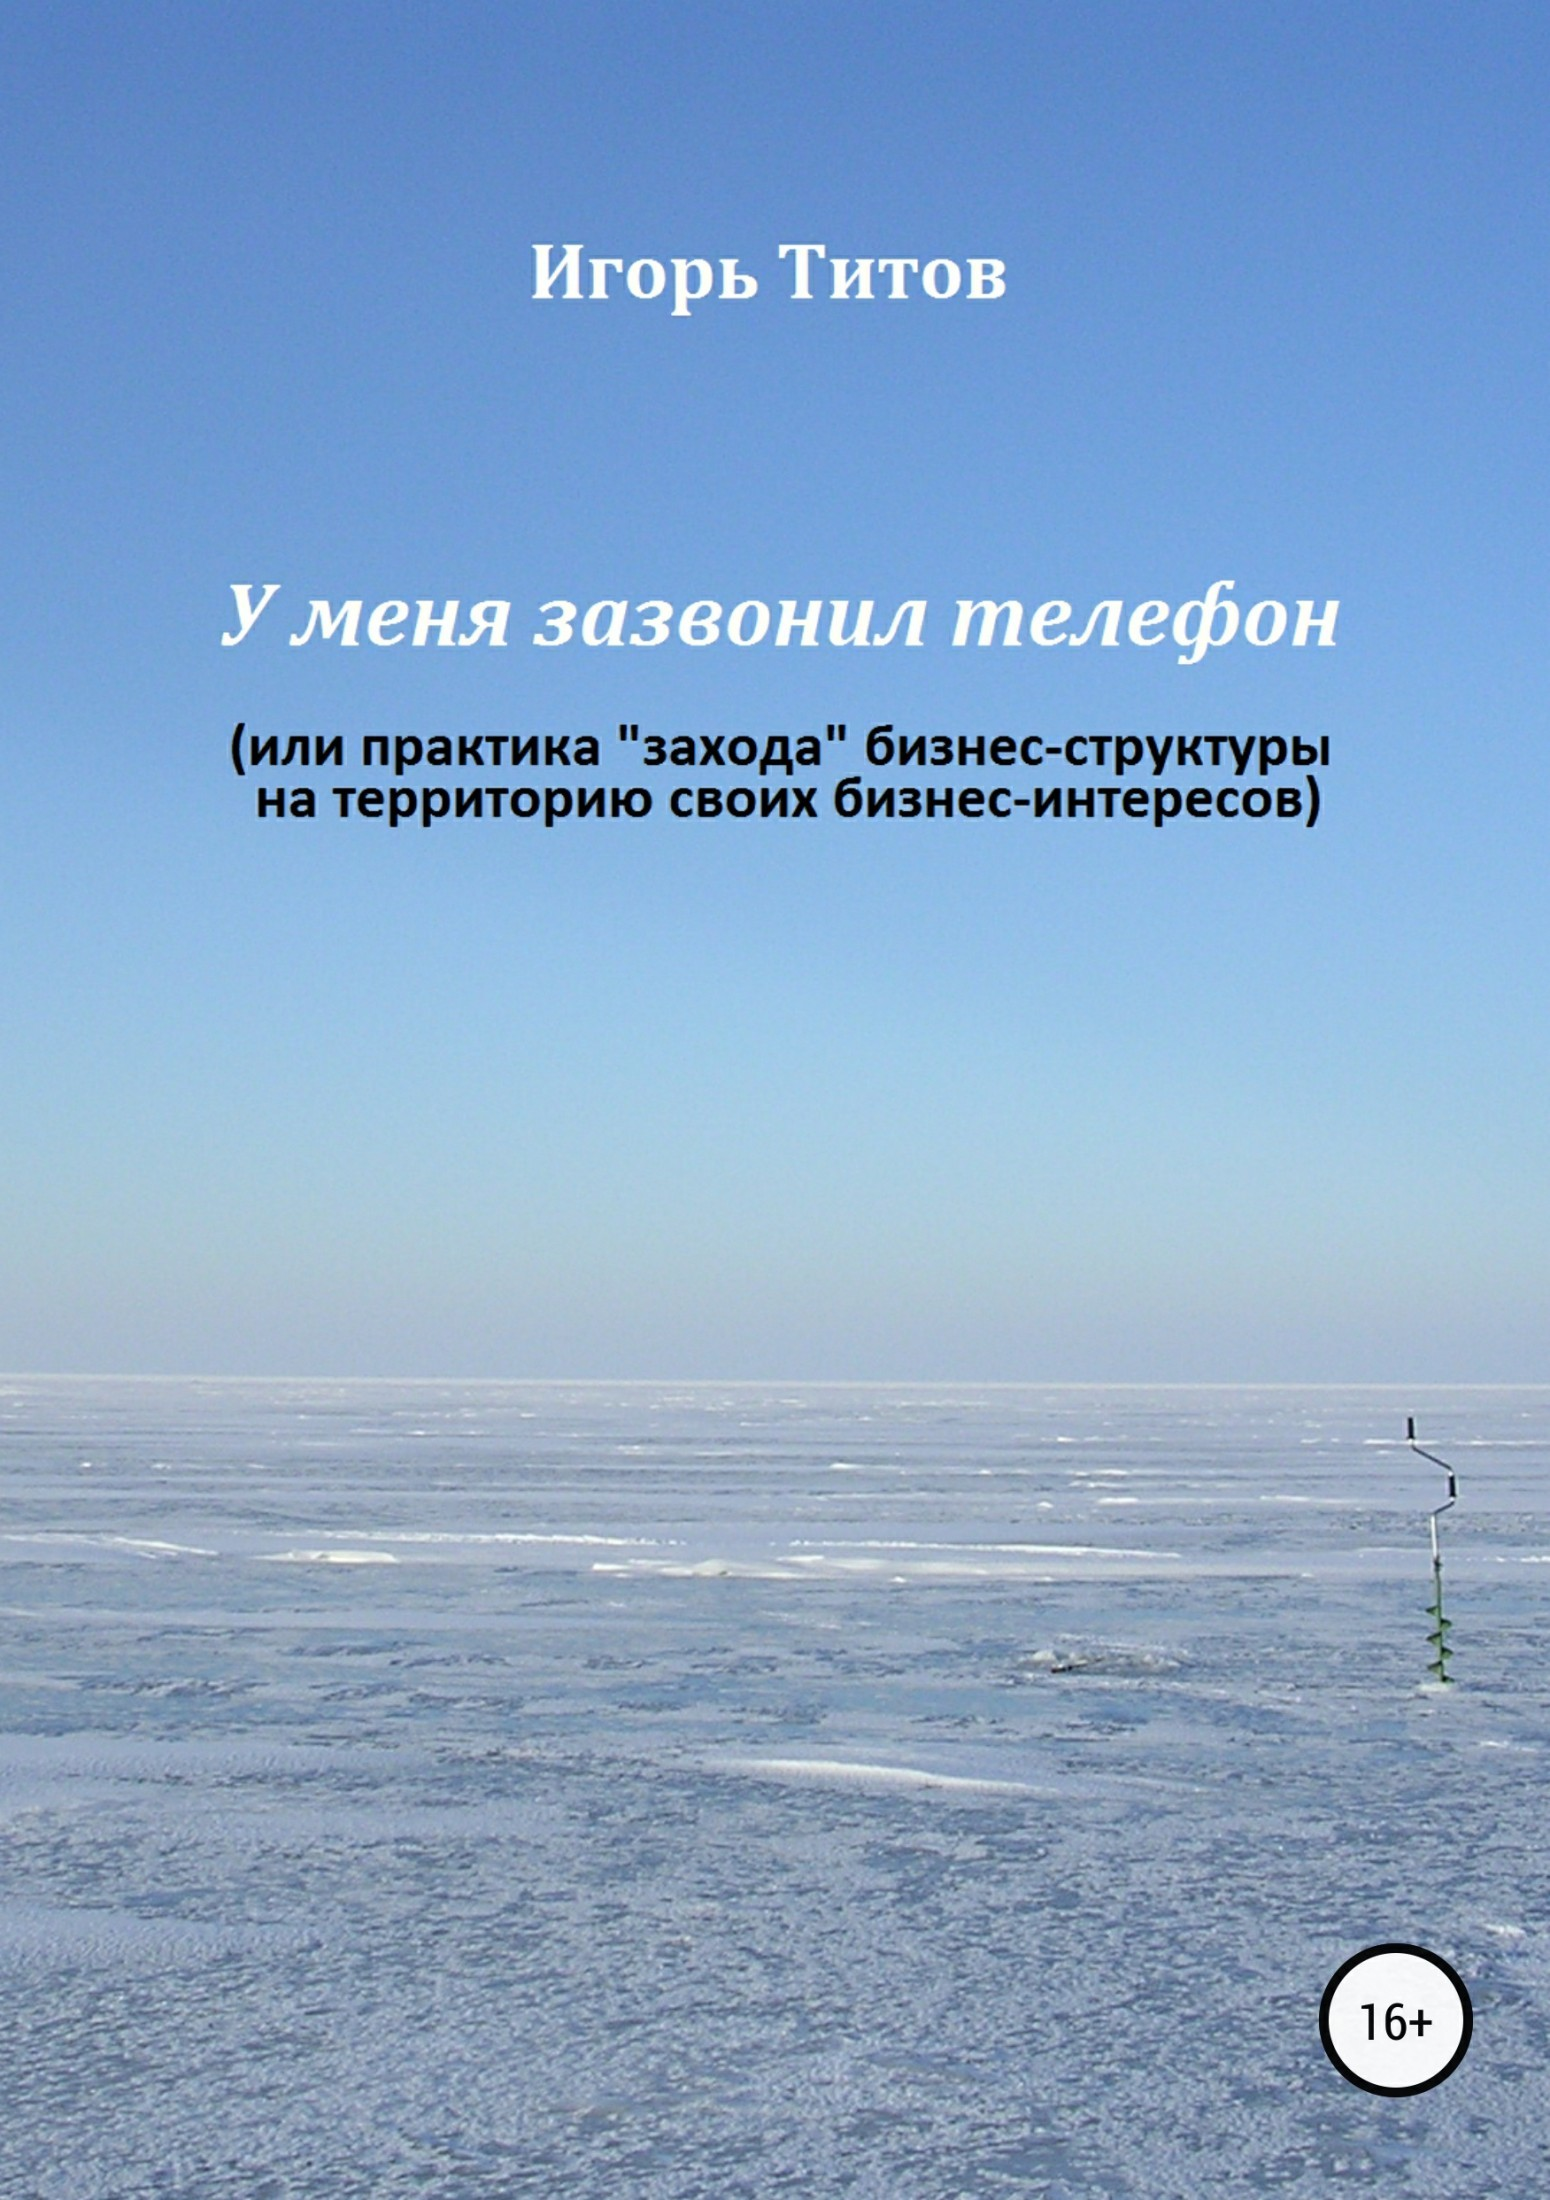 Обложка книги. Автор - Игорь ТИТОВ